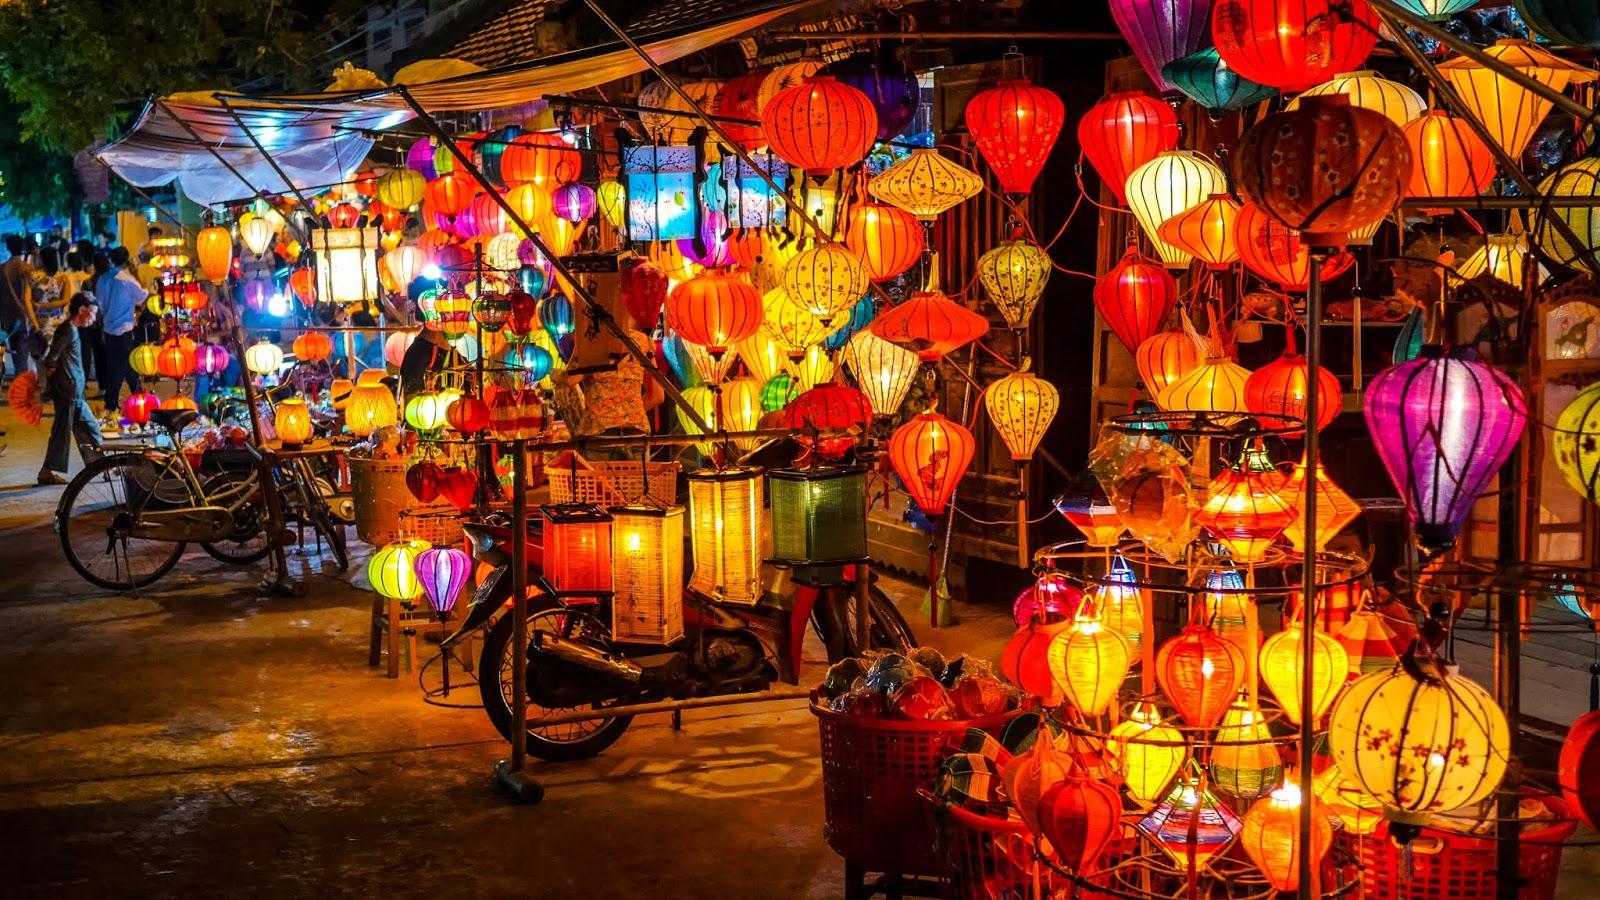 Hình ảnh khu phố bán lồng đèn tại Hội An